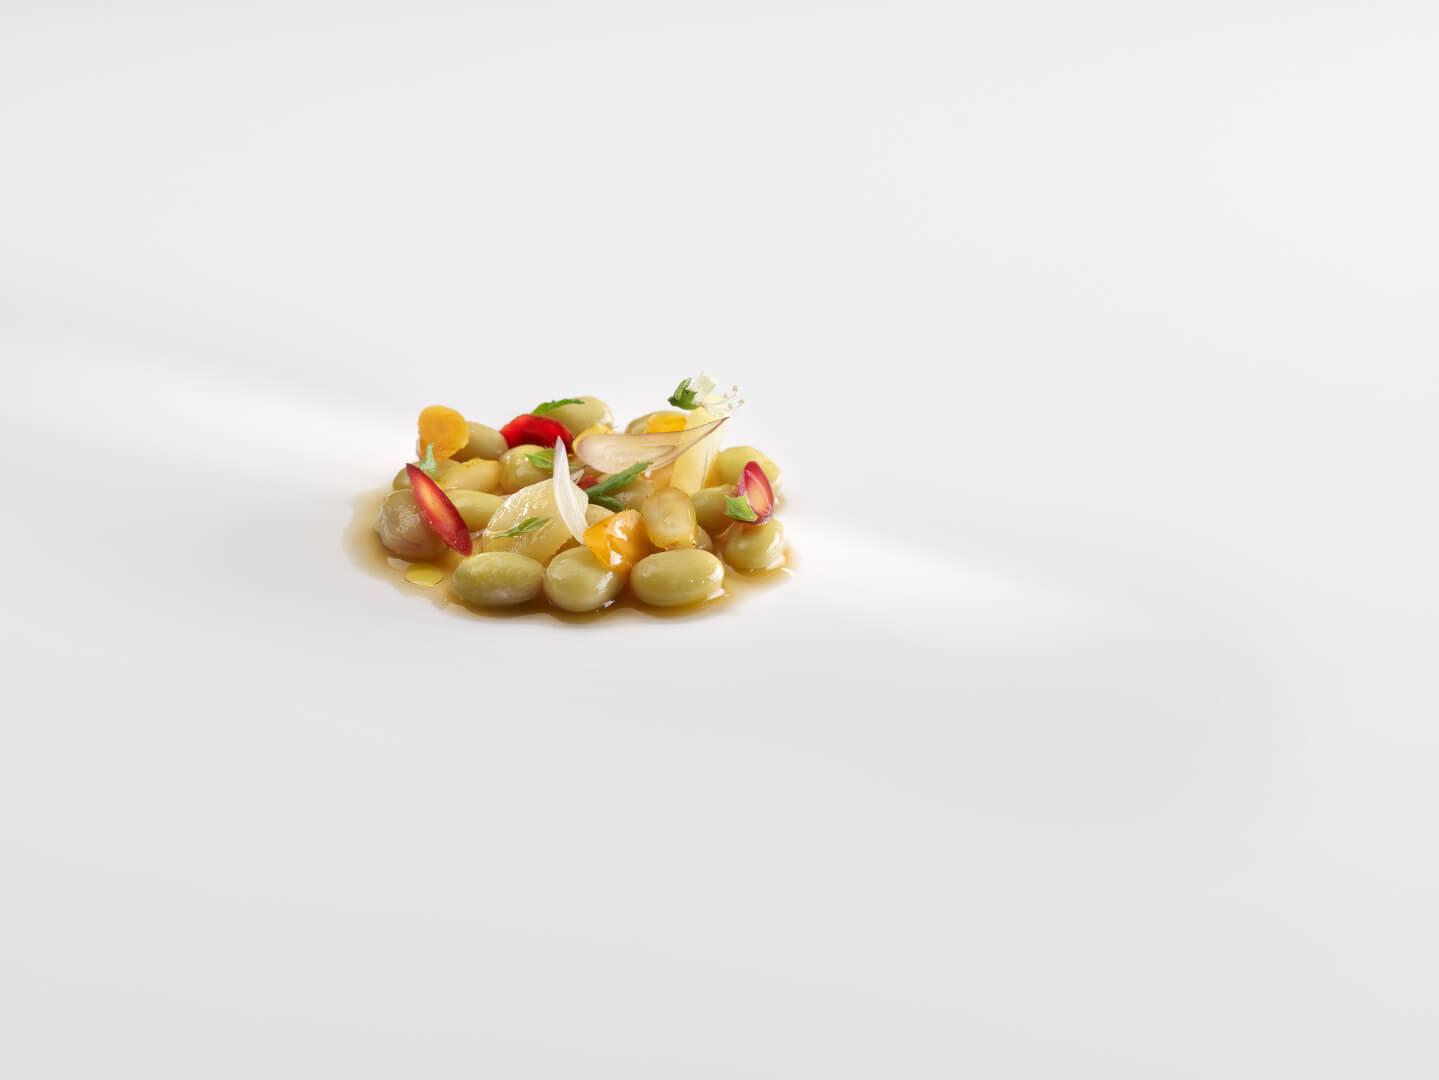 Pochas con verduras encurtidas (Foto: José Luis López de Zubiria)